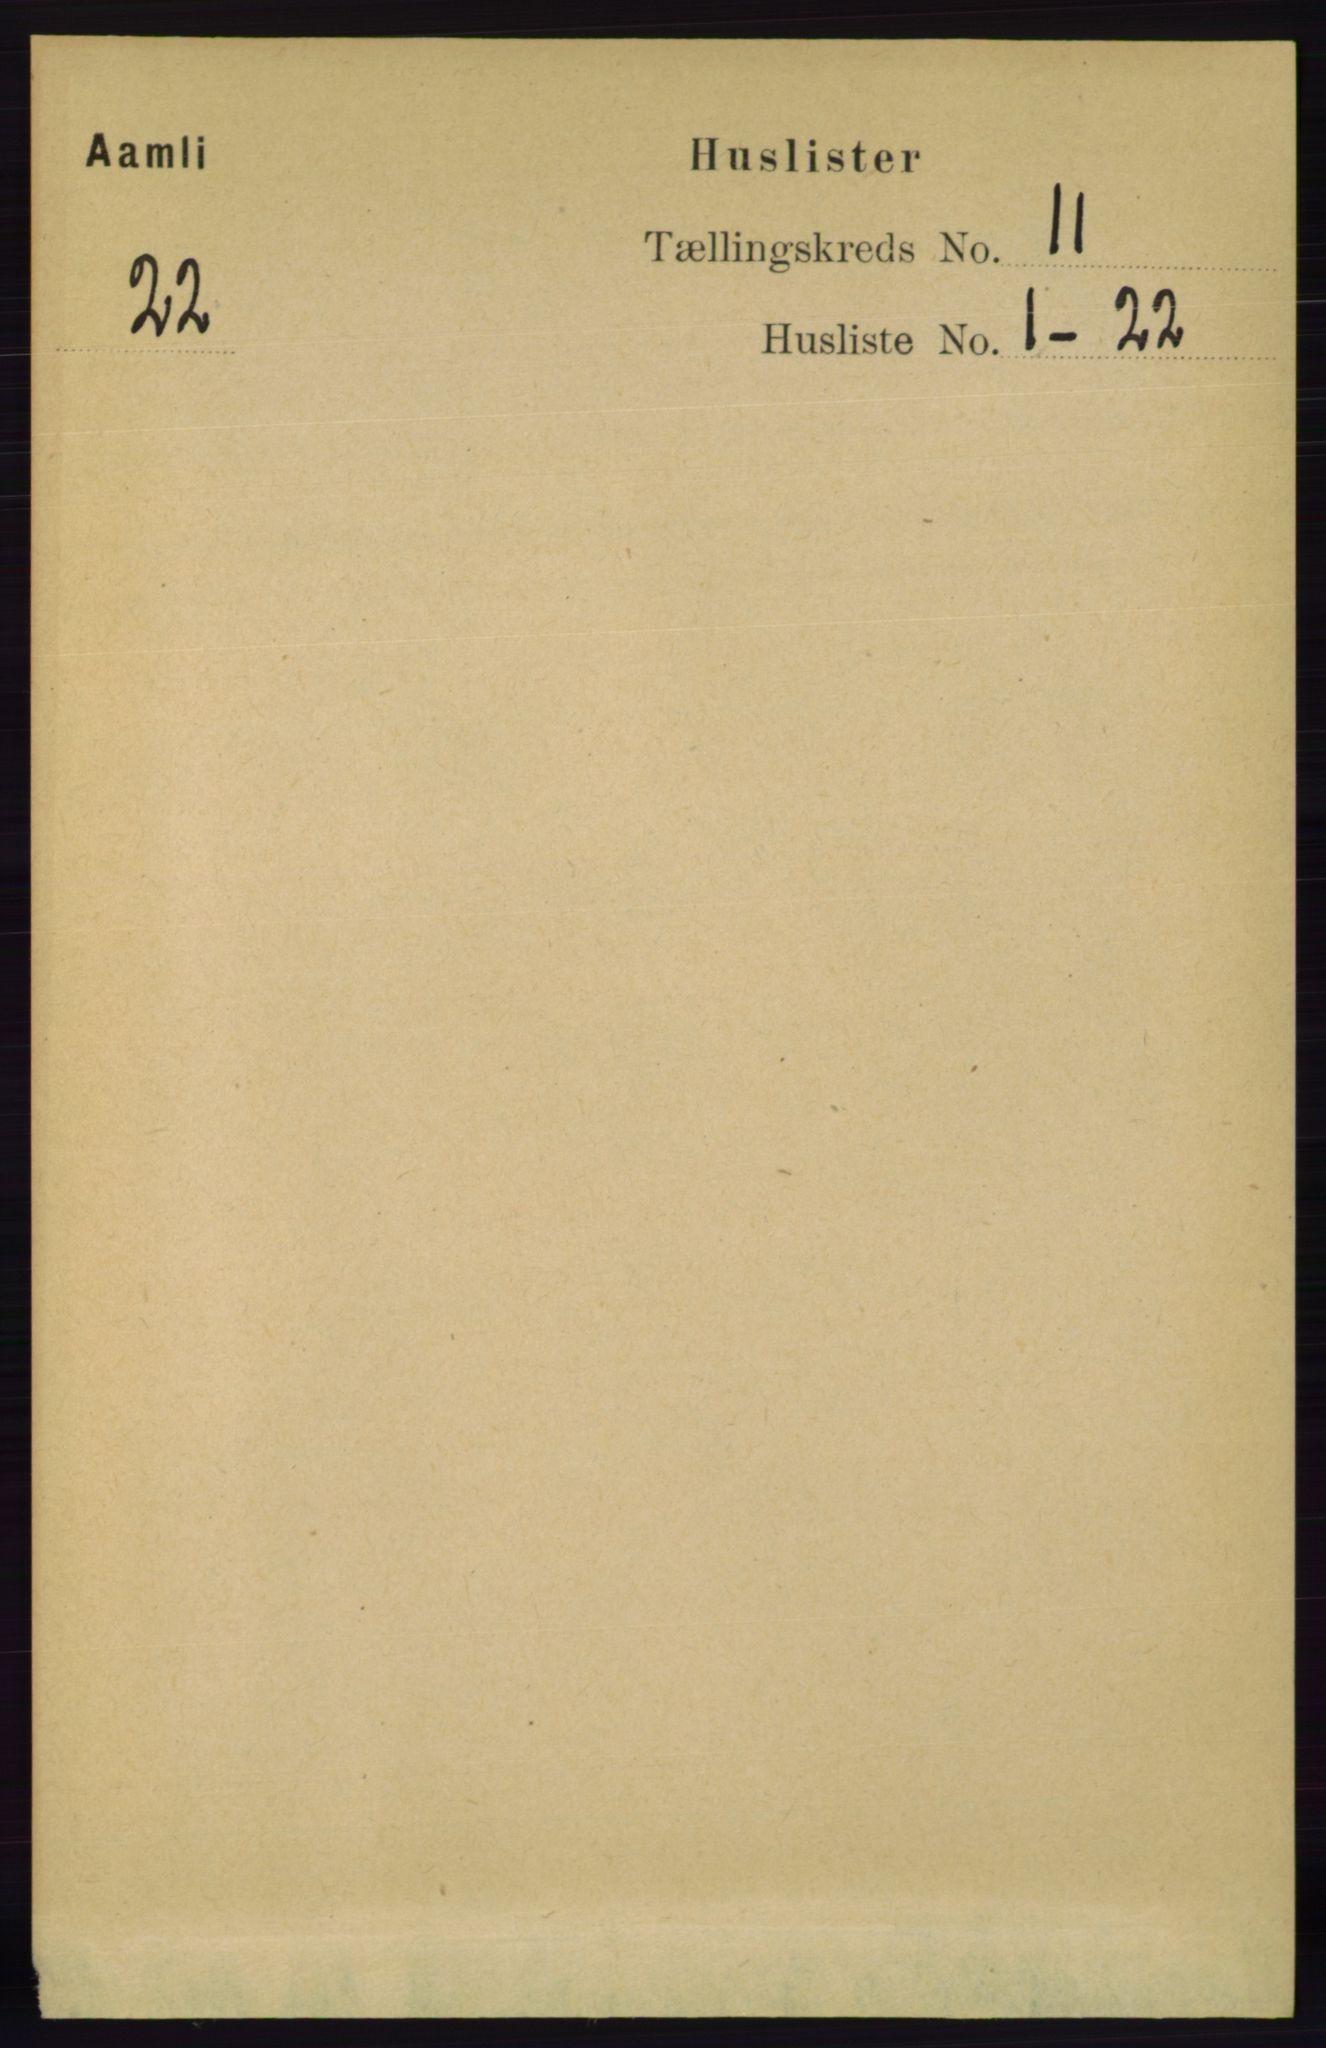 RA, Folketelling 1891 for 0929 Åmli herred, 1891, s. 1822